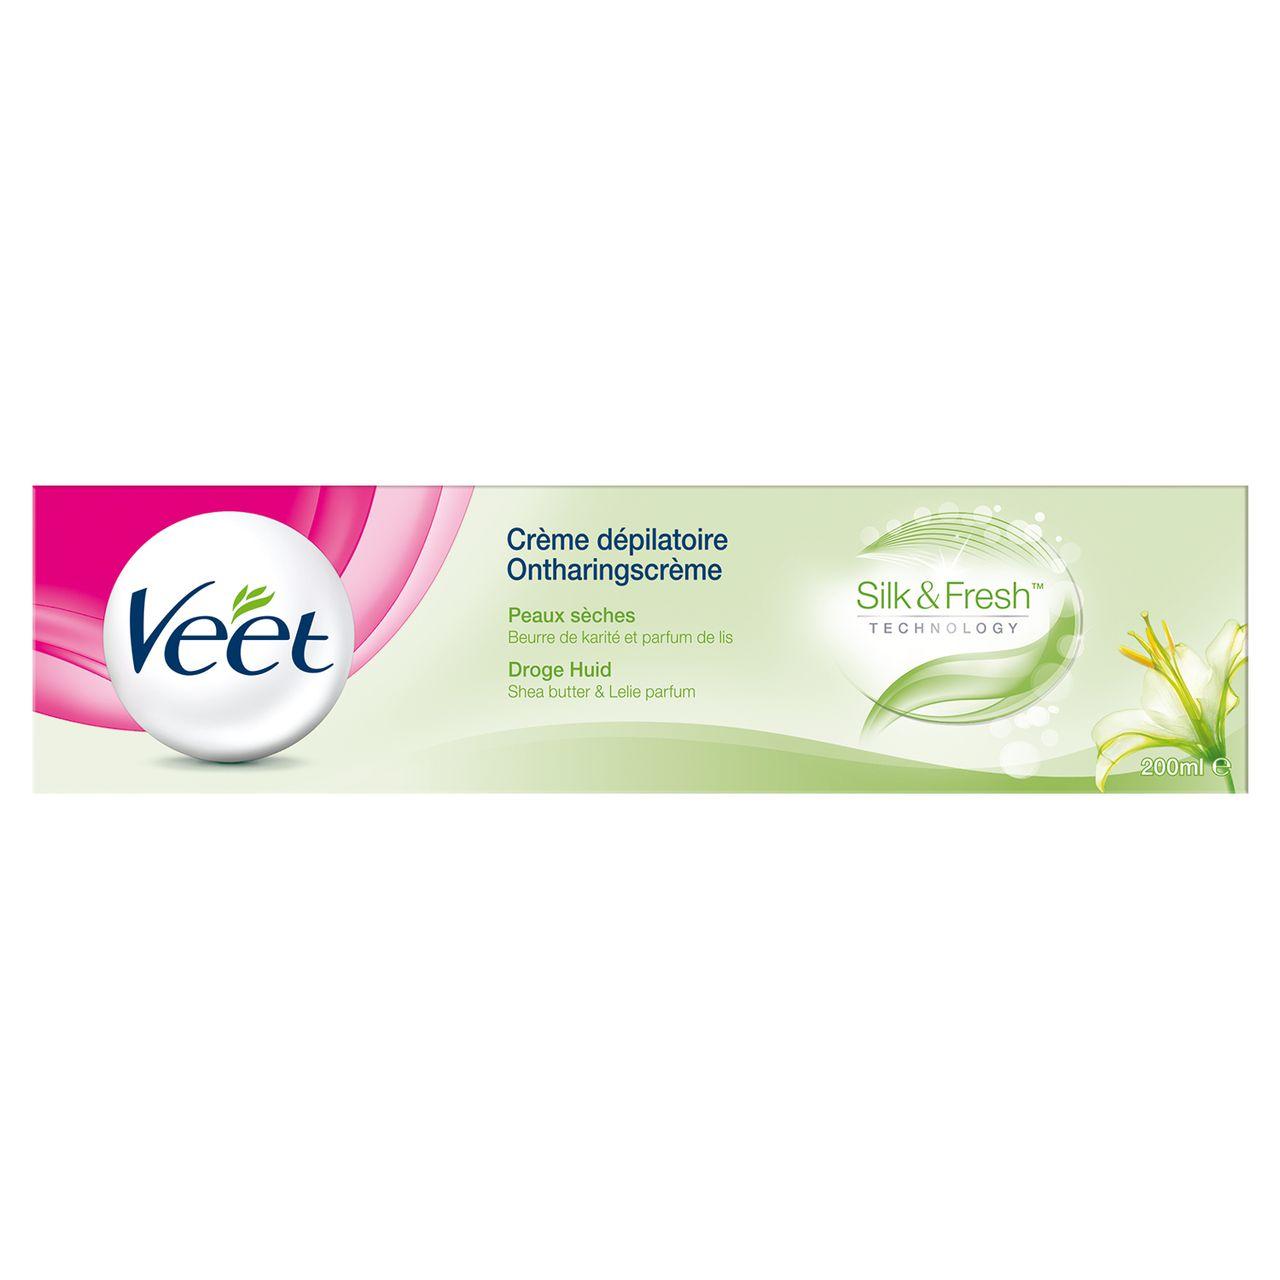 Crème dépilatoire Peaux Sèches, Veet (200 ml)